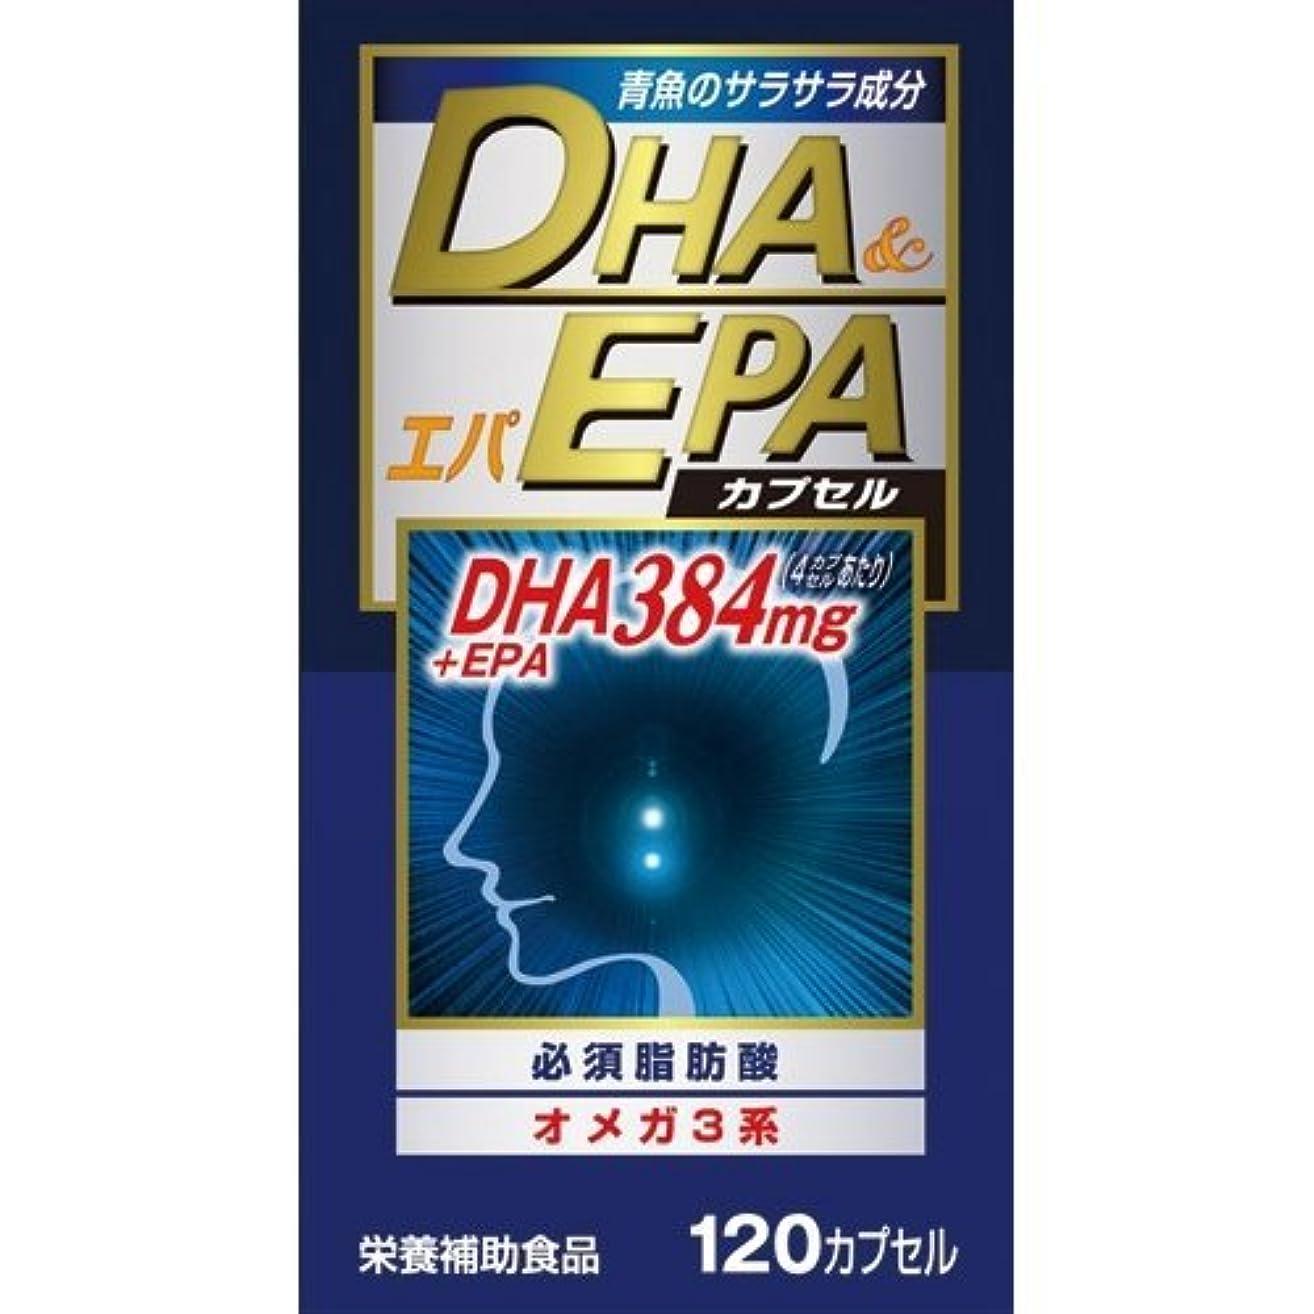 擁する半球宙返り【ウエルネスジャパン】DHAエパ 120カプセル ×10個セット